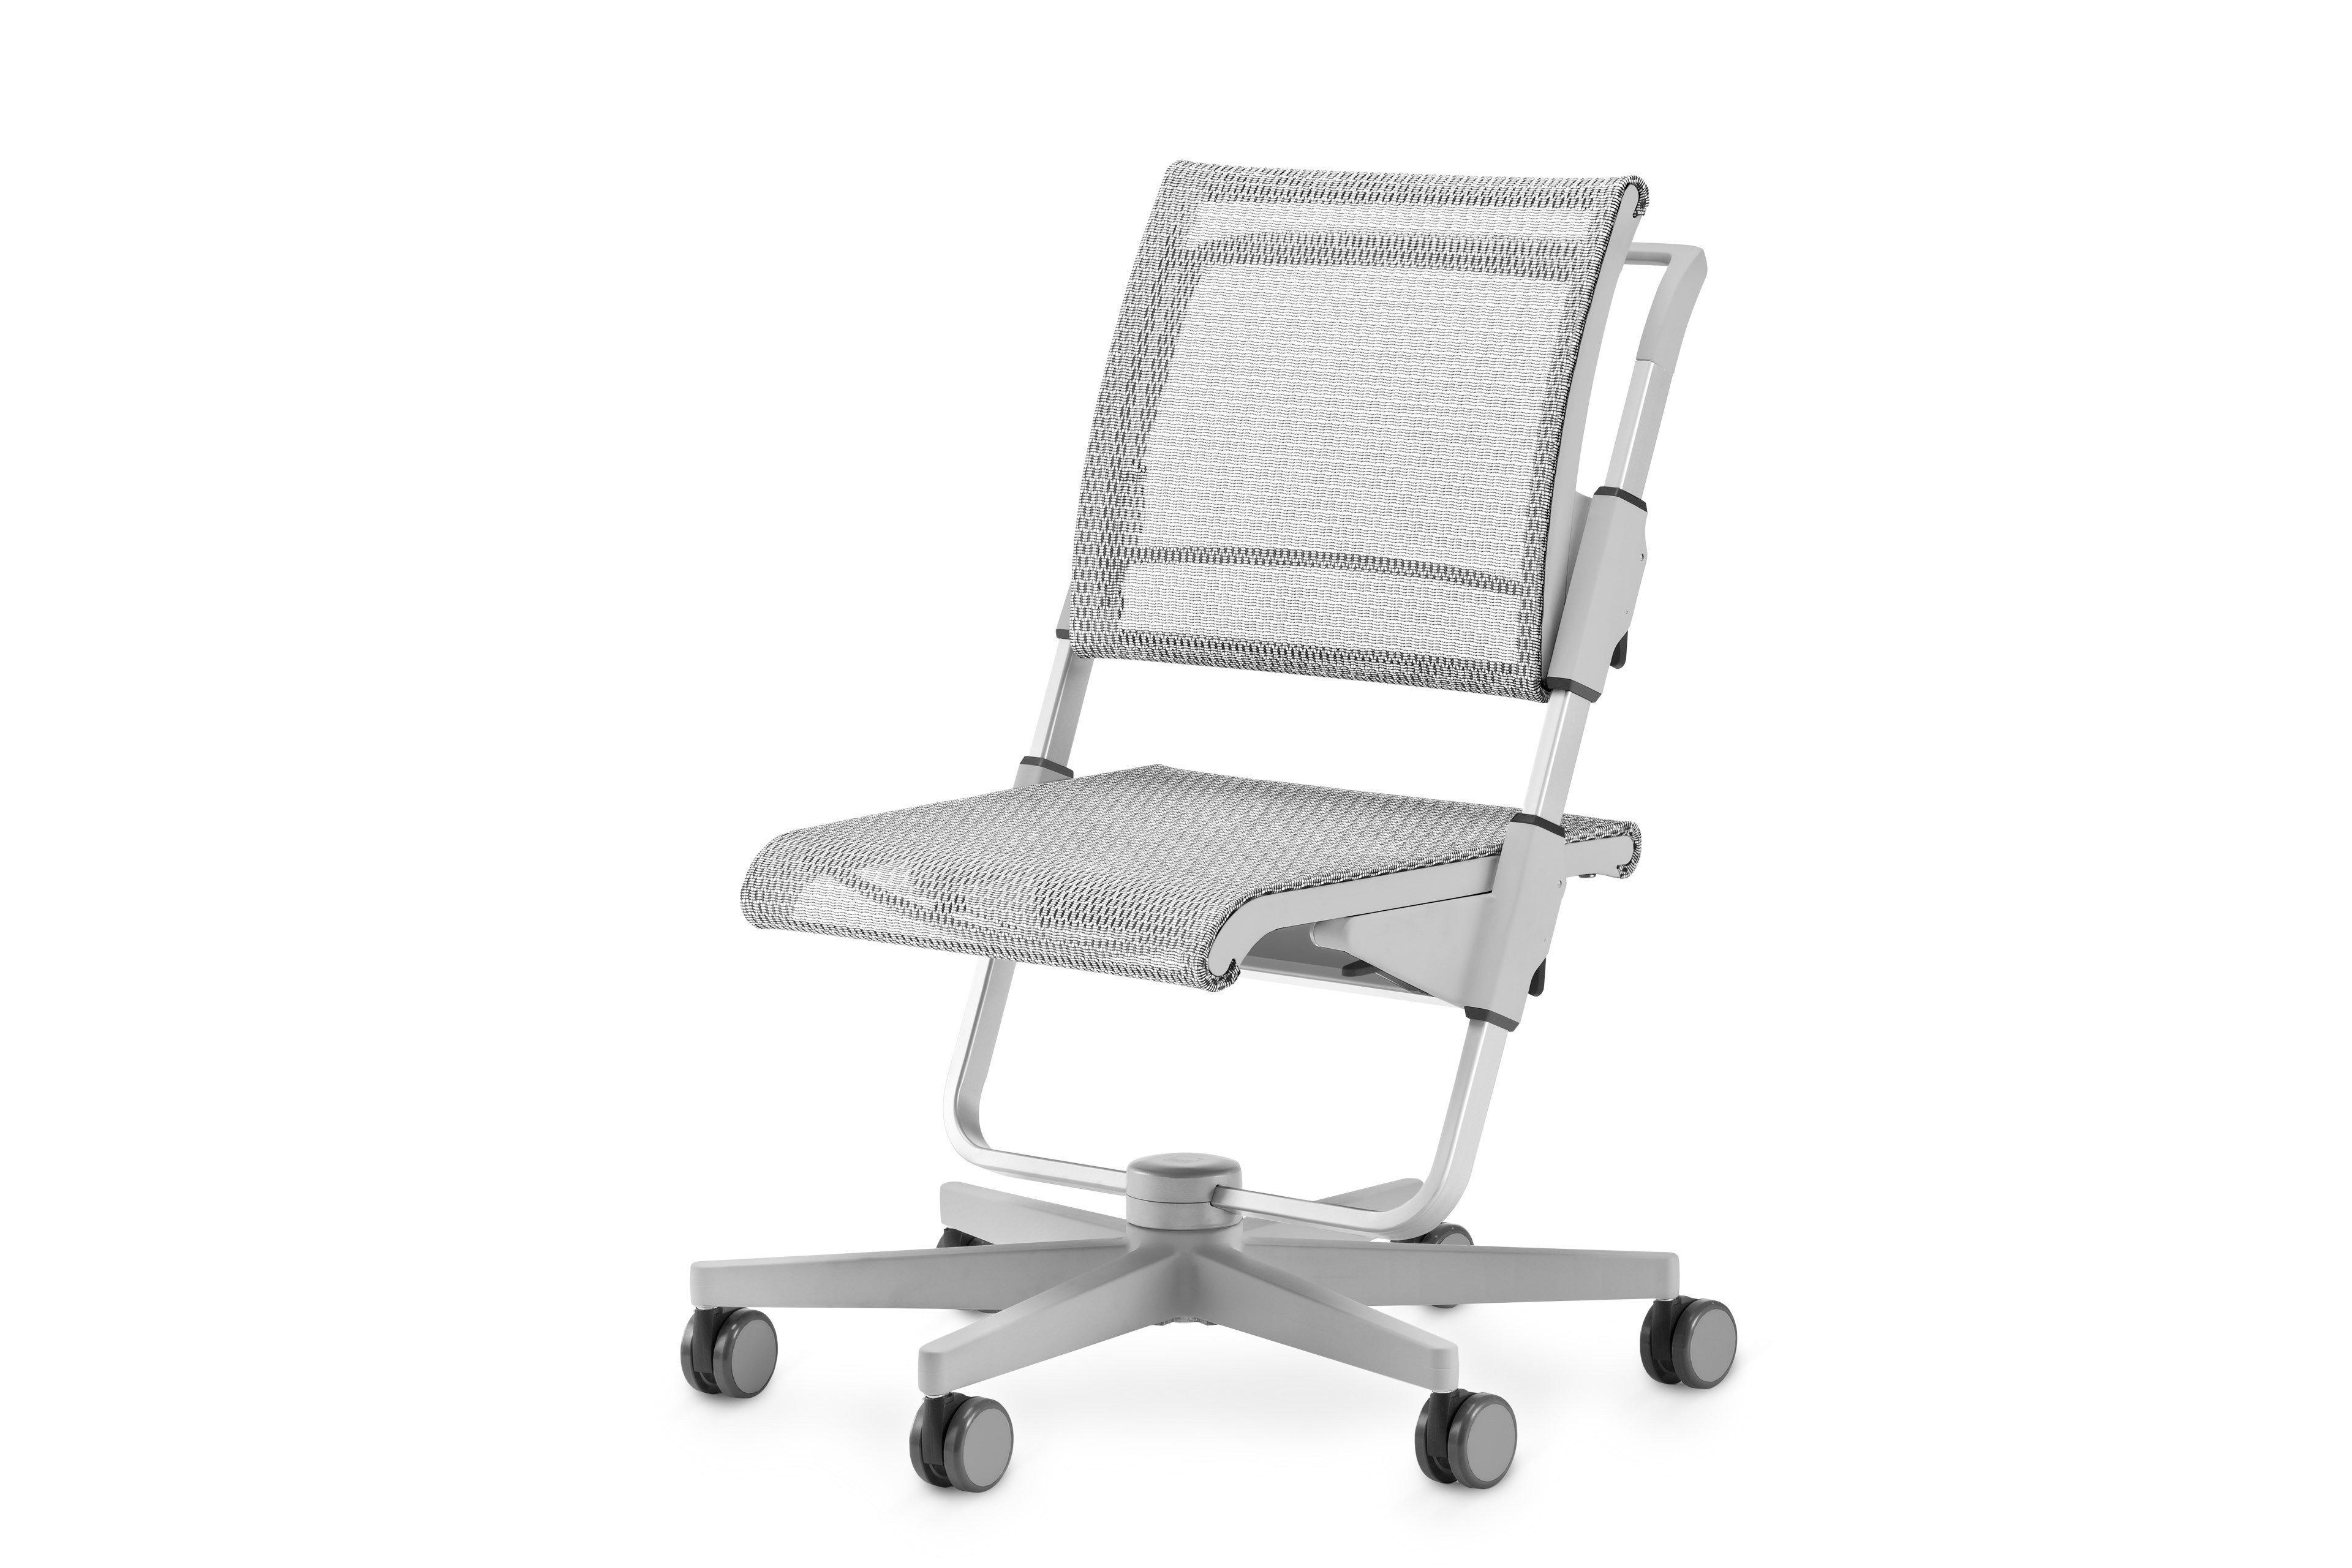 Einzigartig Drehstuhl Ohne Rollen Design